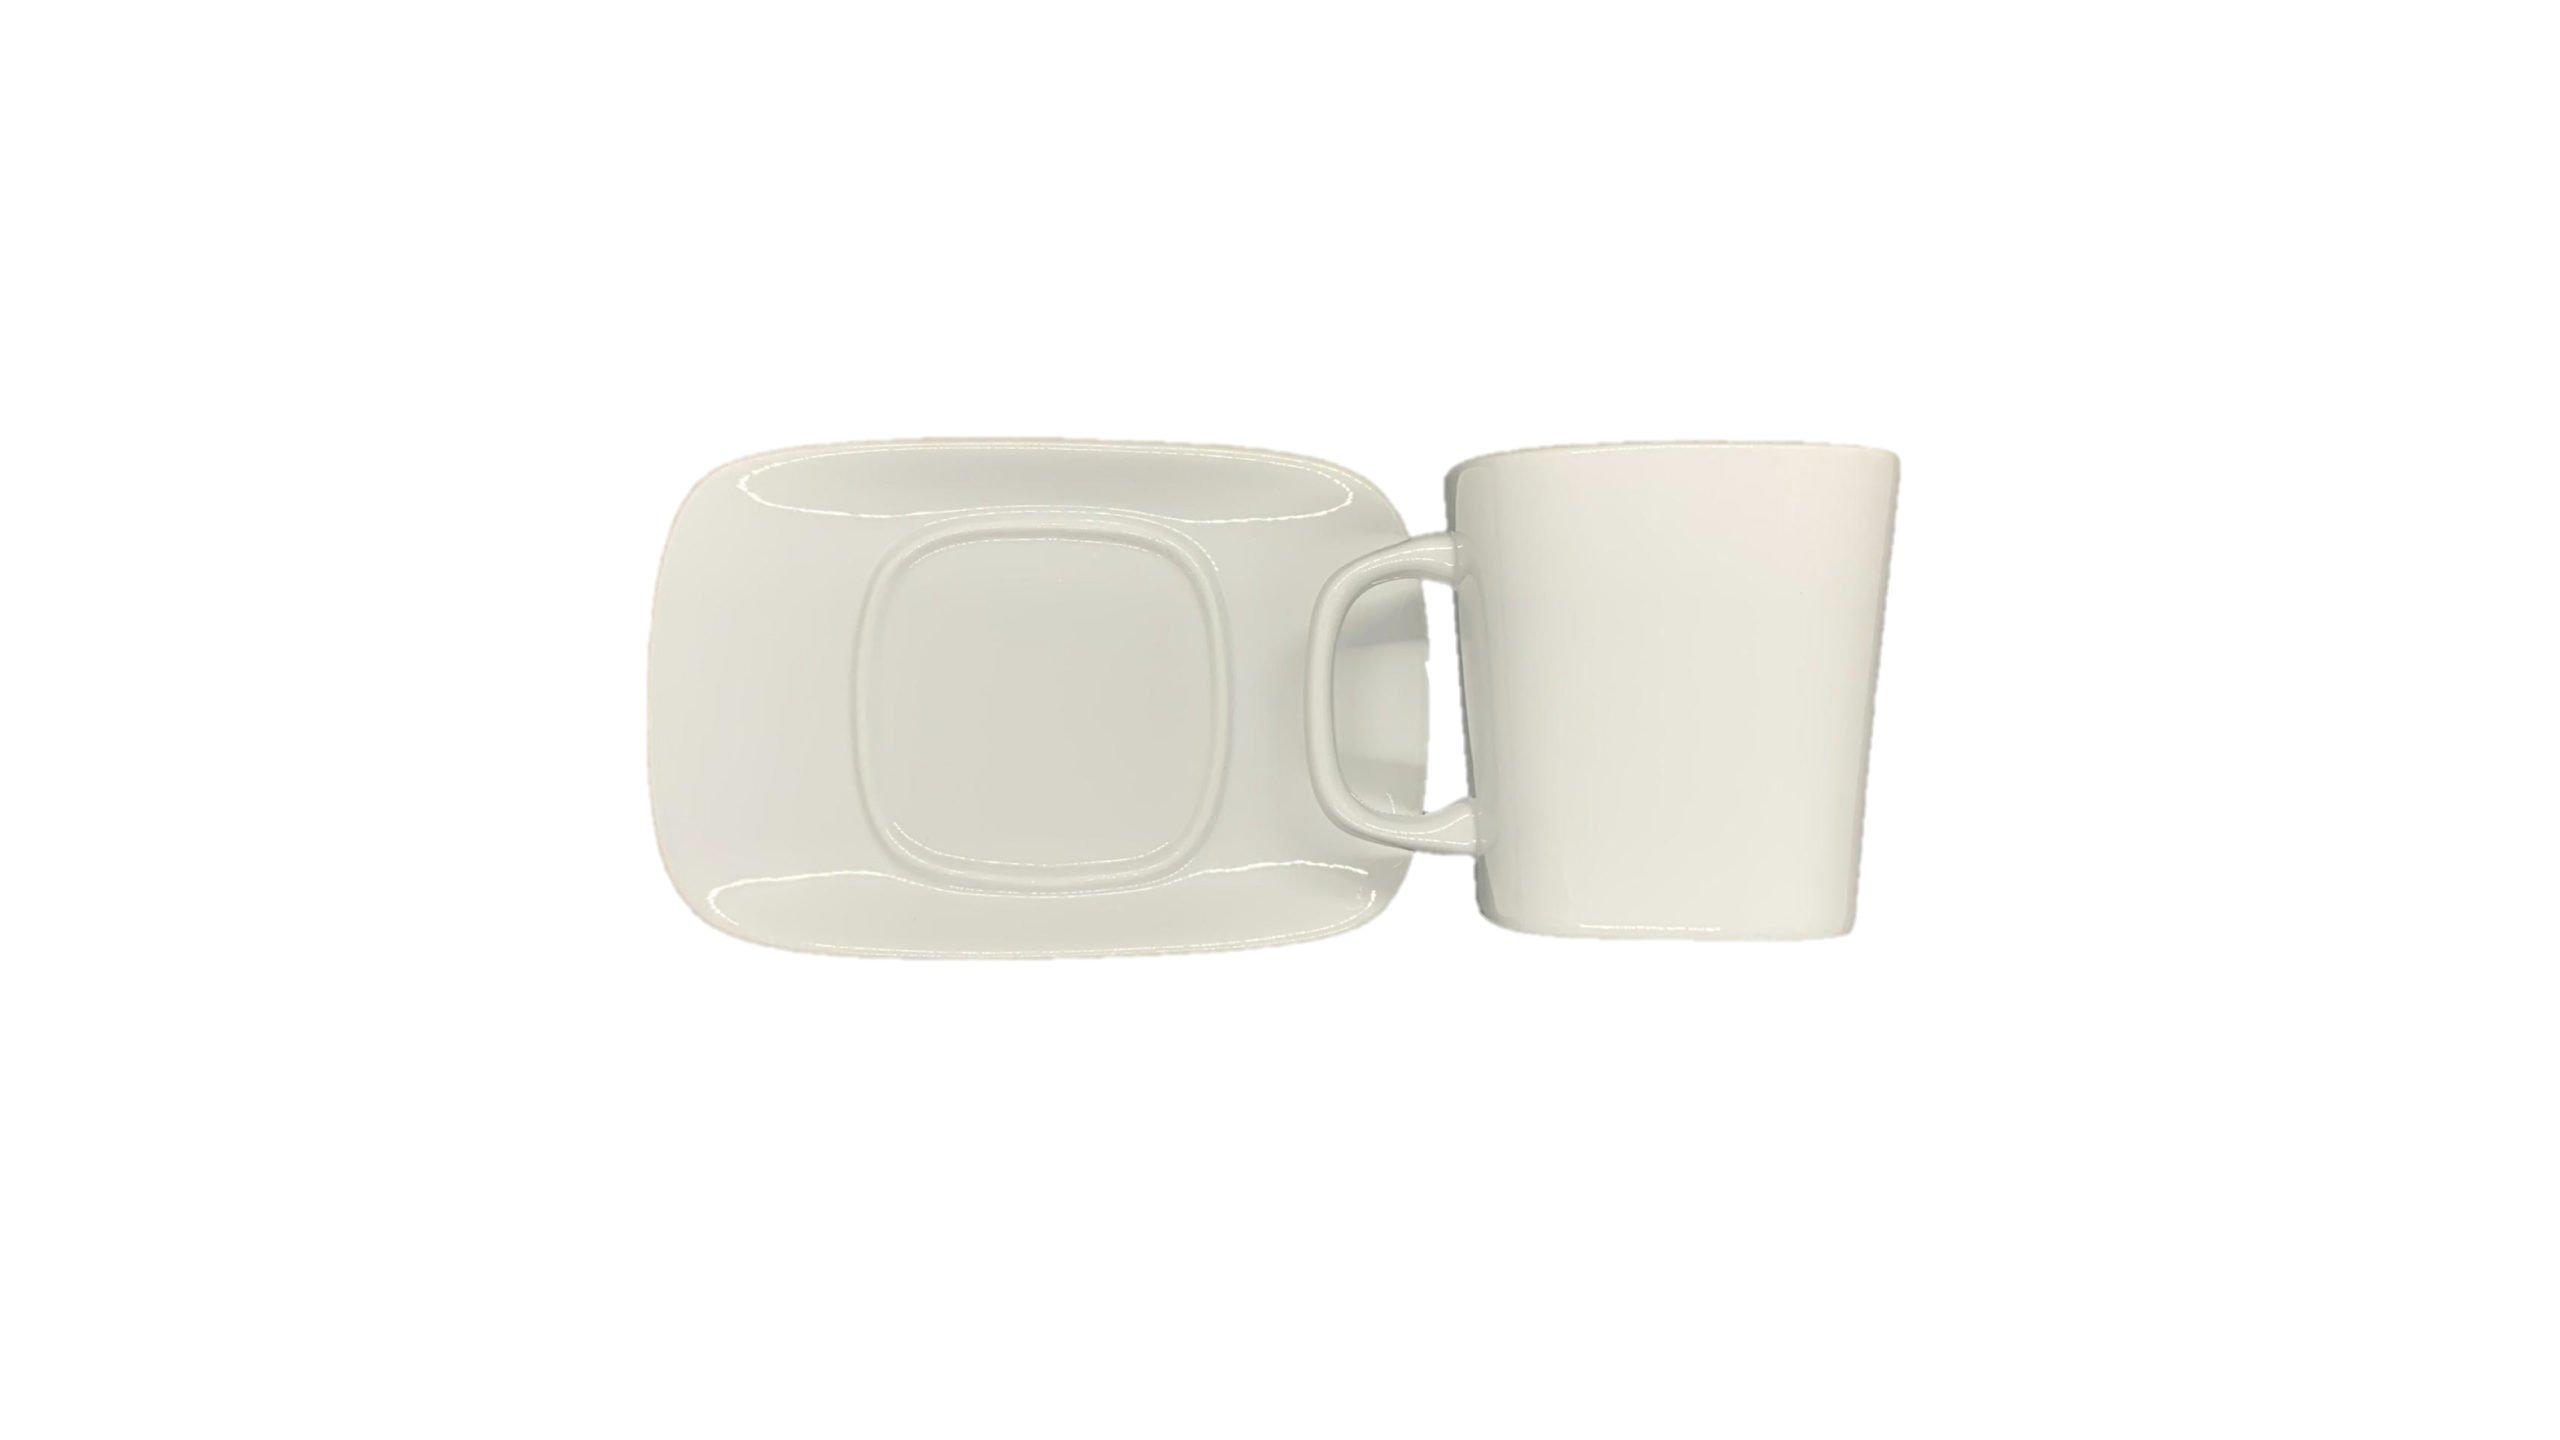 koffietas-en-ondertas-quattro-830